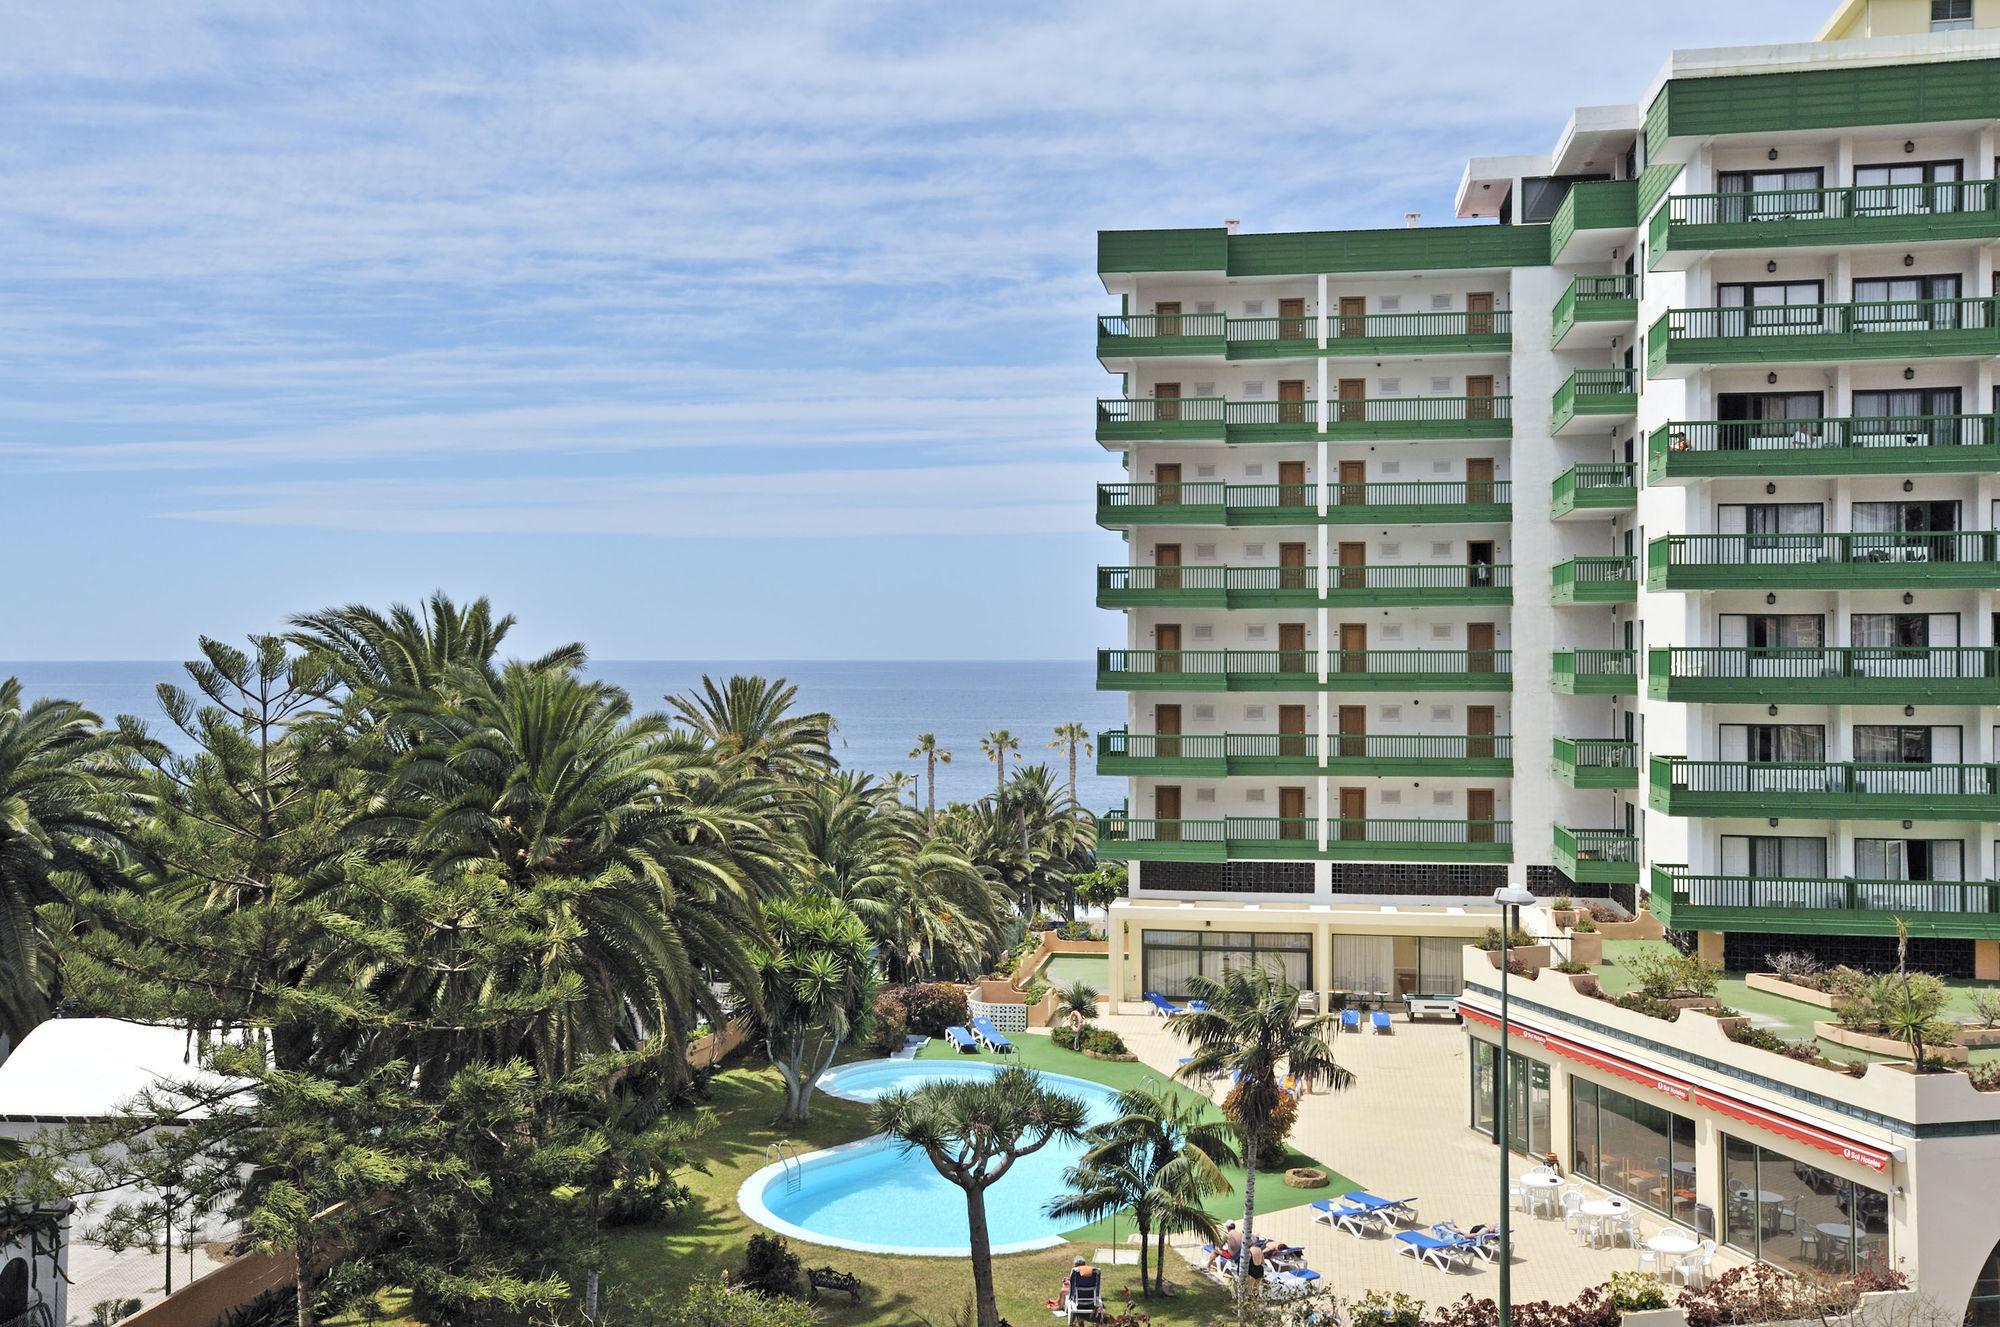 Sol puerto playa hotel puerto de la cruz tenerife - Hotel sol puerto playa tenerife ...